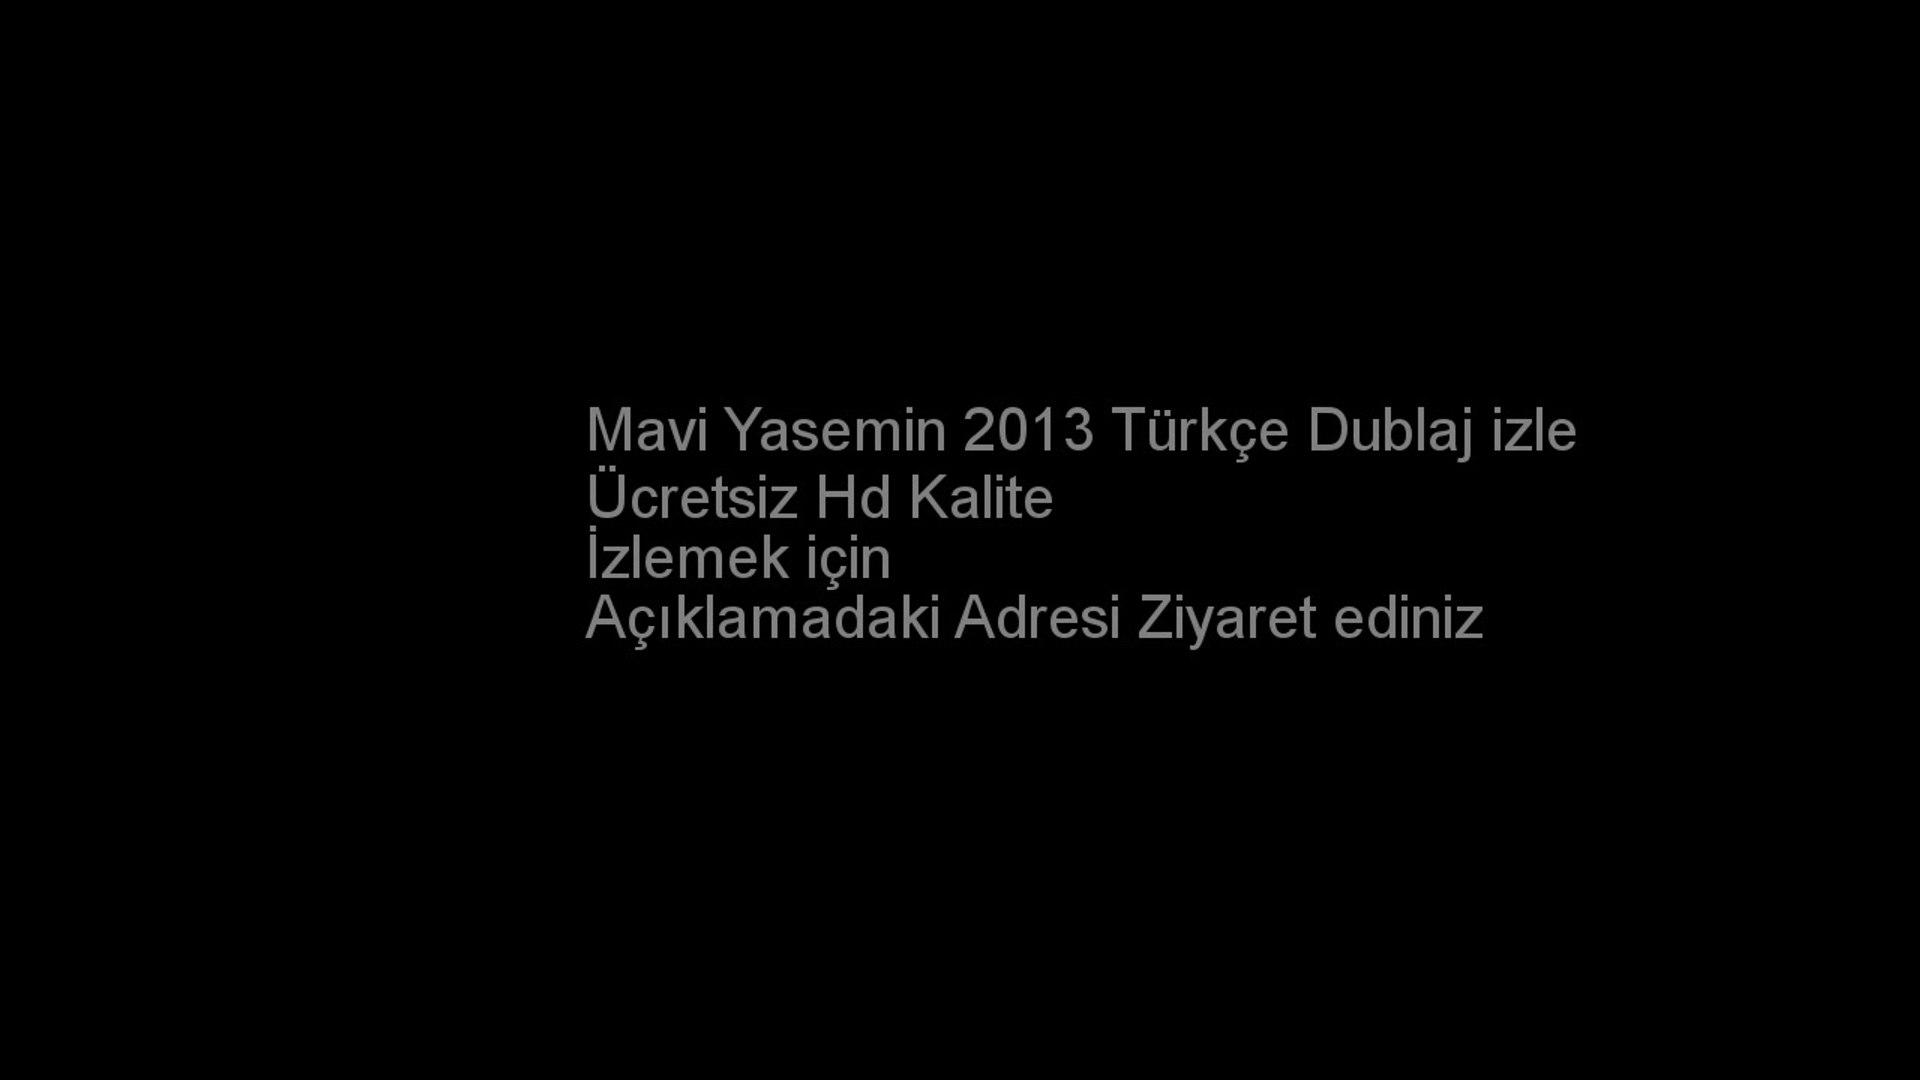 Mavi Yasemin 2013 Türkçe Dublaj izle